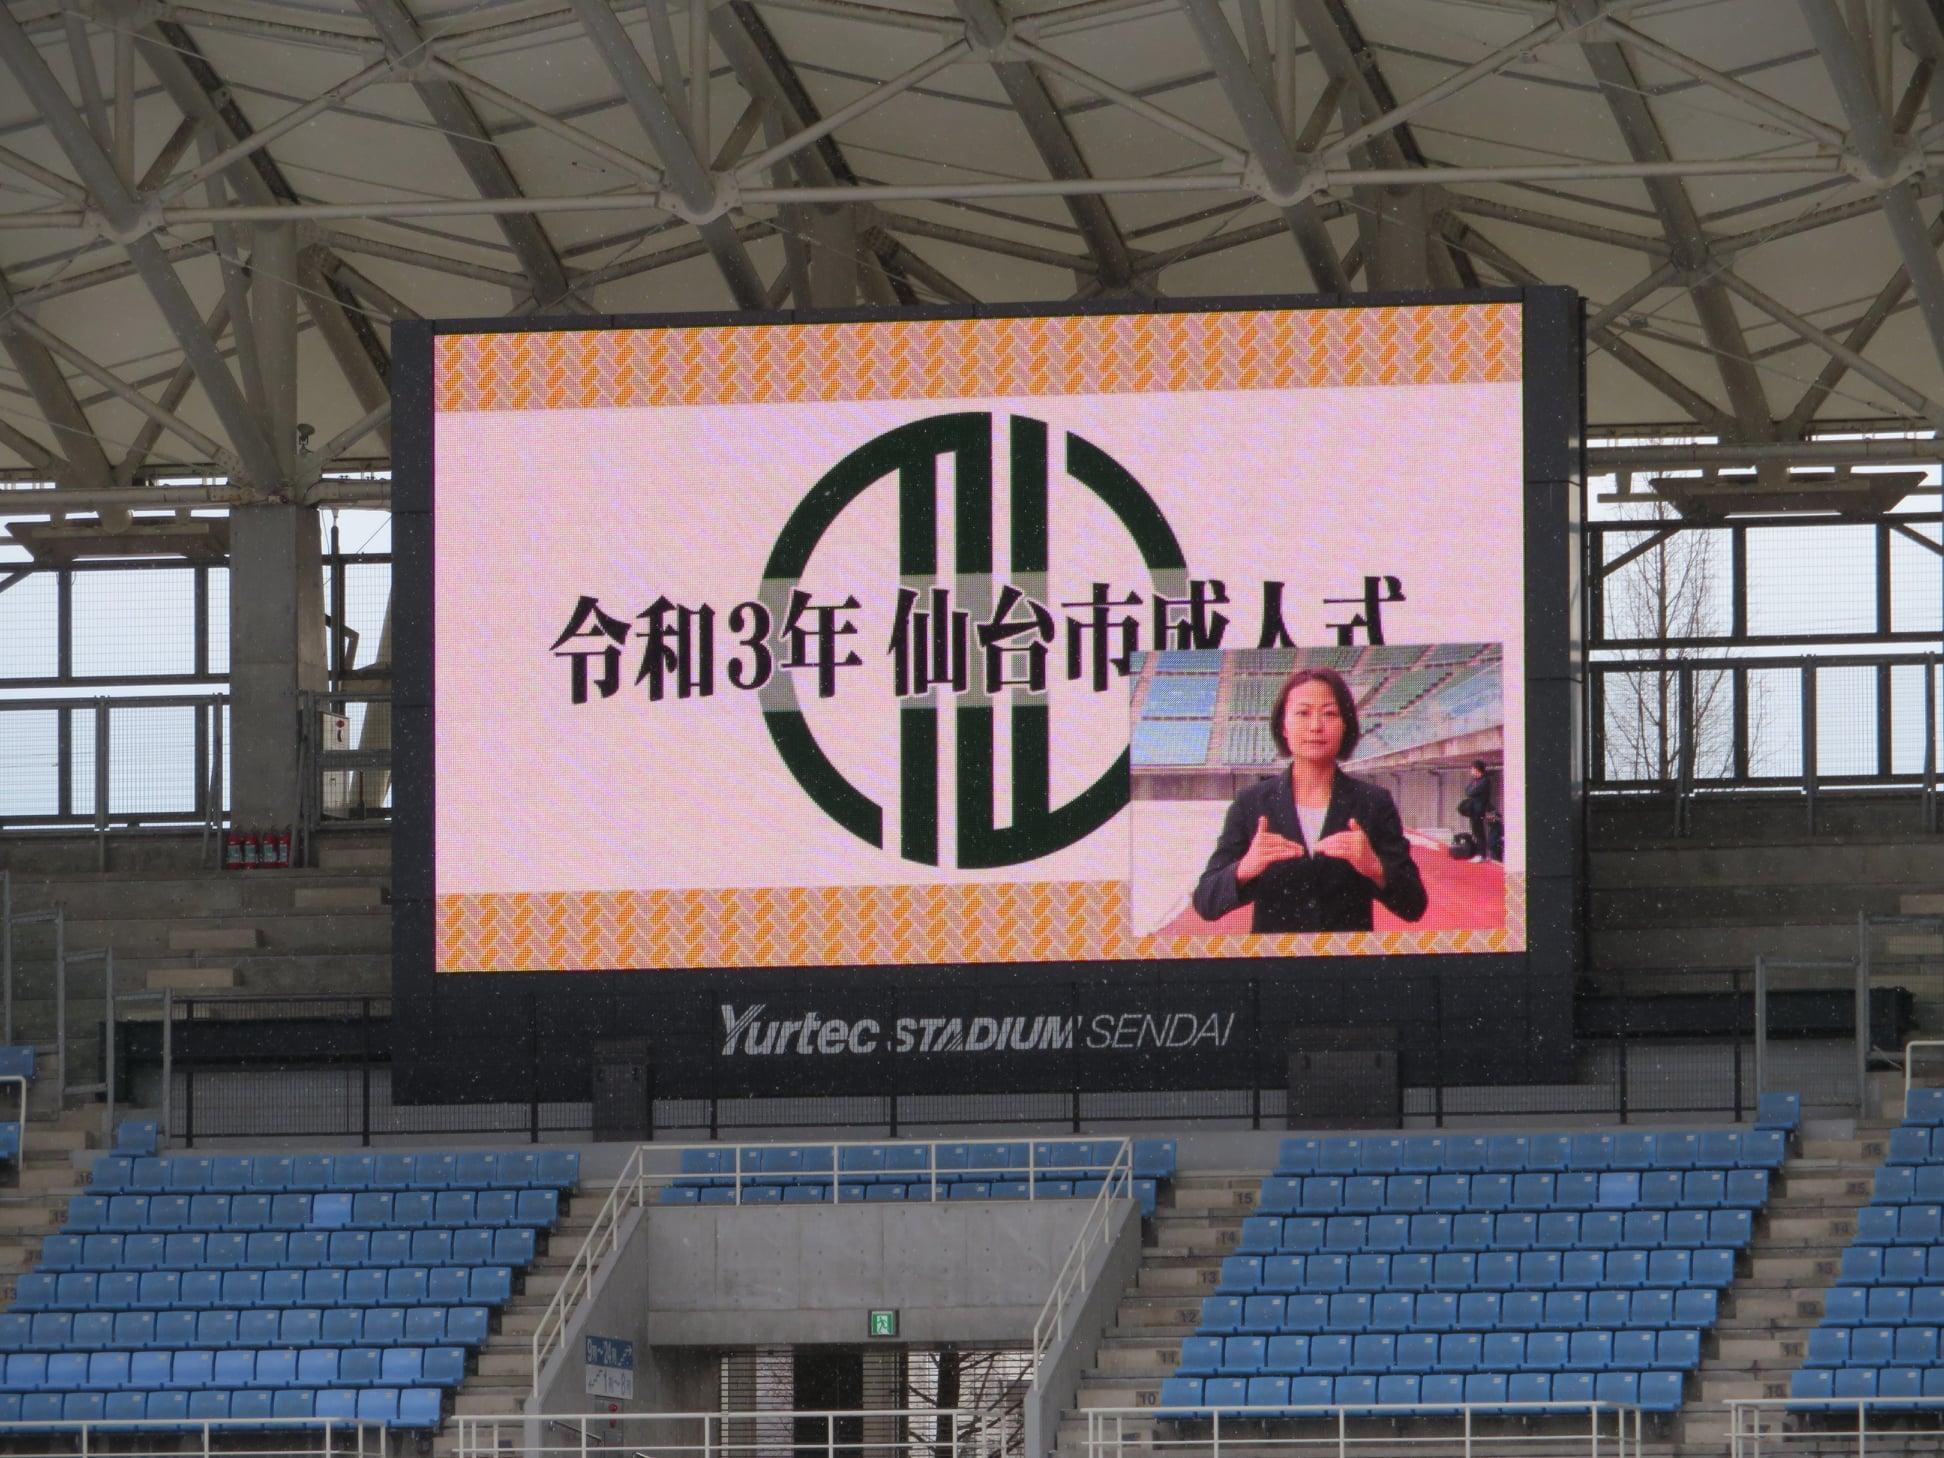 令和3年1月10日 仙台市成人式が開催され、市議会を代表し祝辞を述べました。